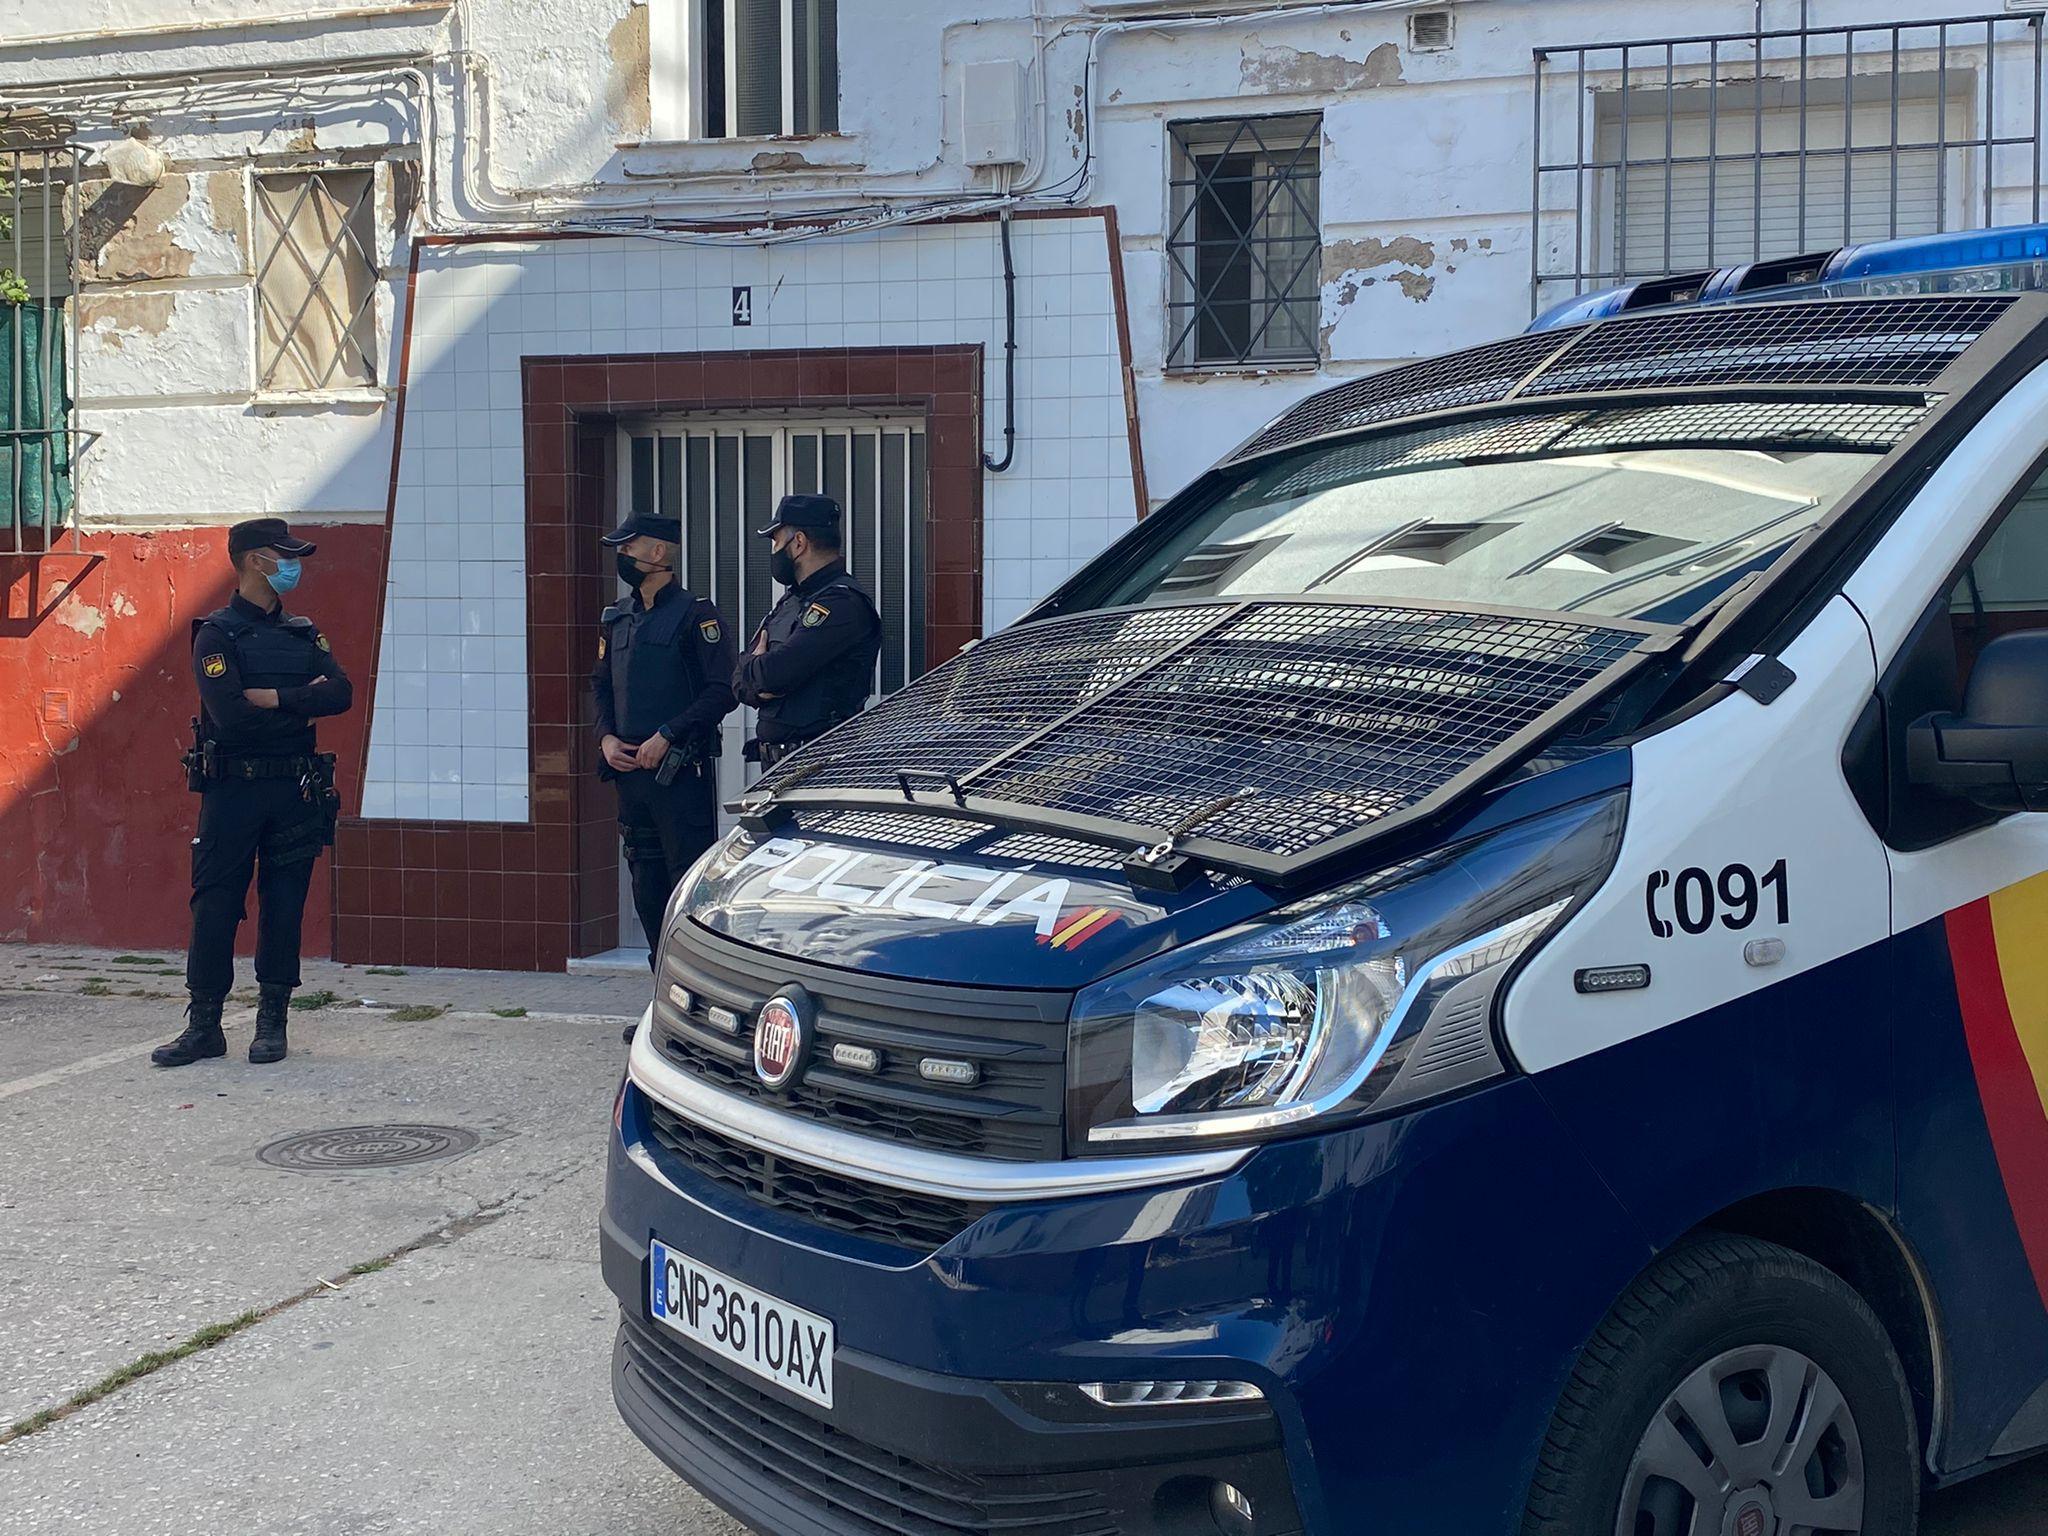 Ocho registros en San Fernando en una operación antidroga de la Policía Nacional